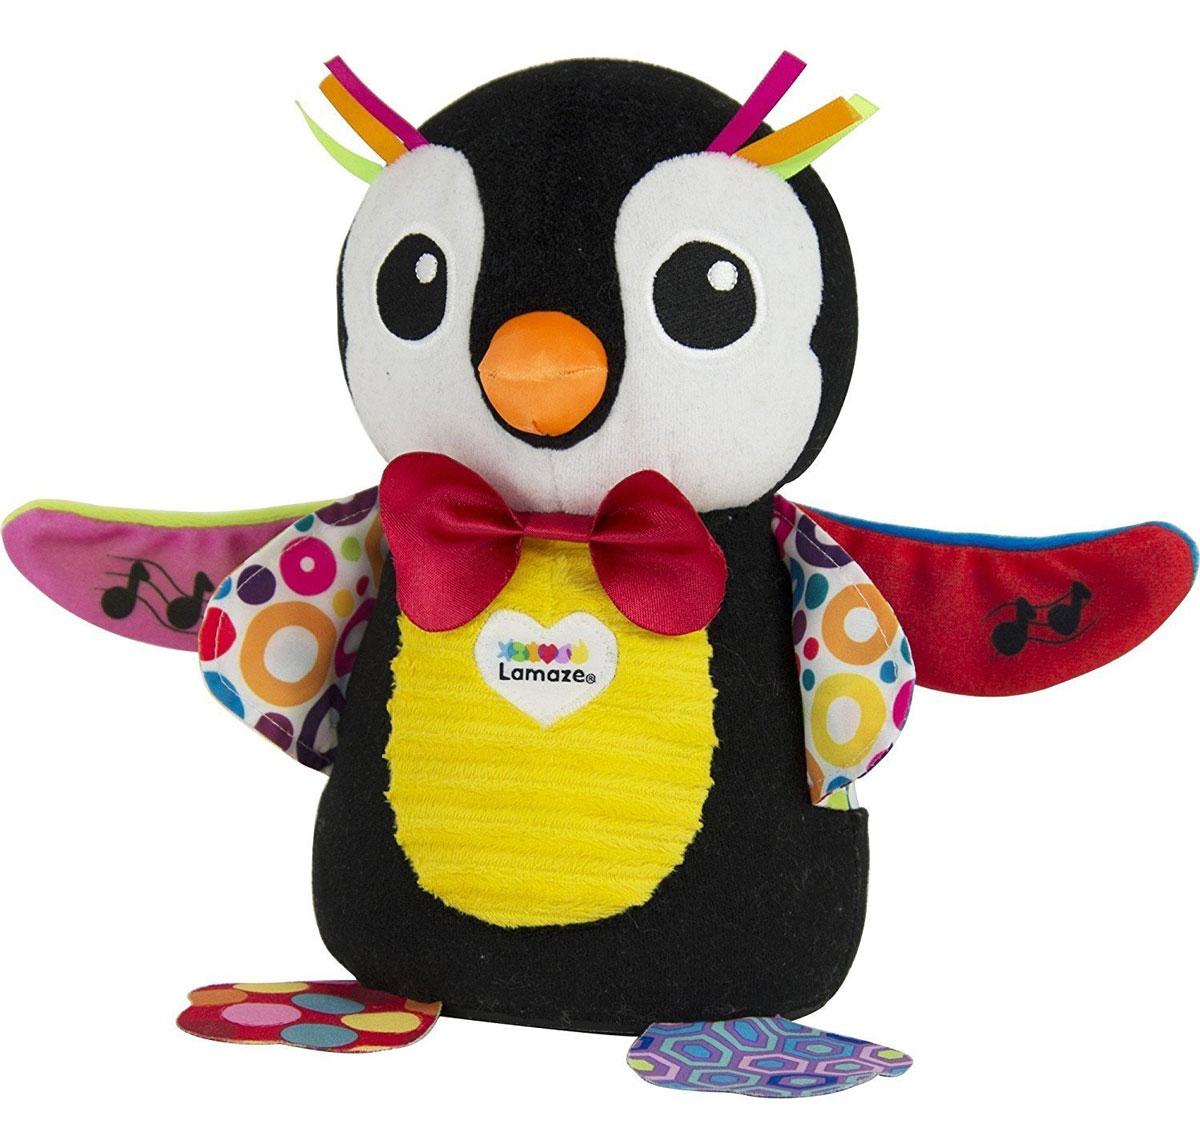 Lamaze Развивающая игрушка Пингвин Оскар музыкальная развивающая игрушка tomy lamaze музыкальный пингвин оскар l27245